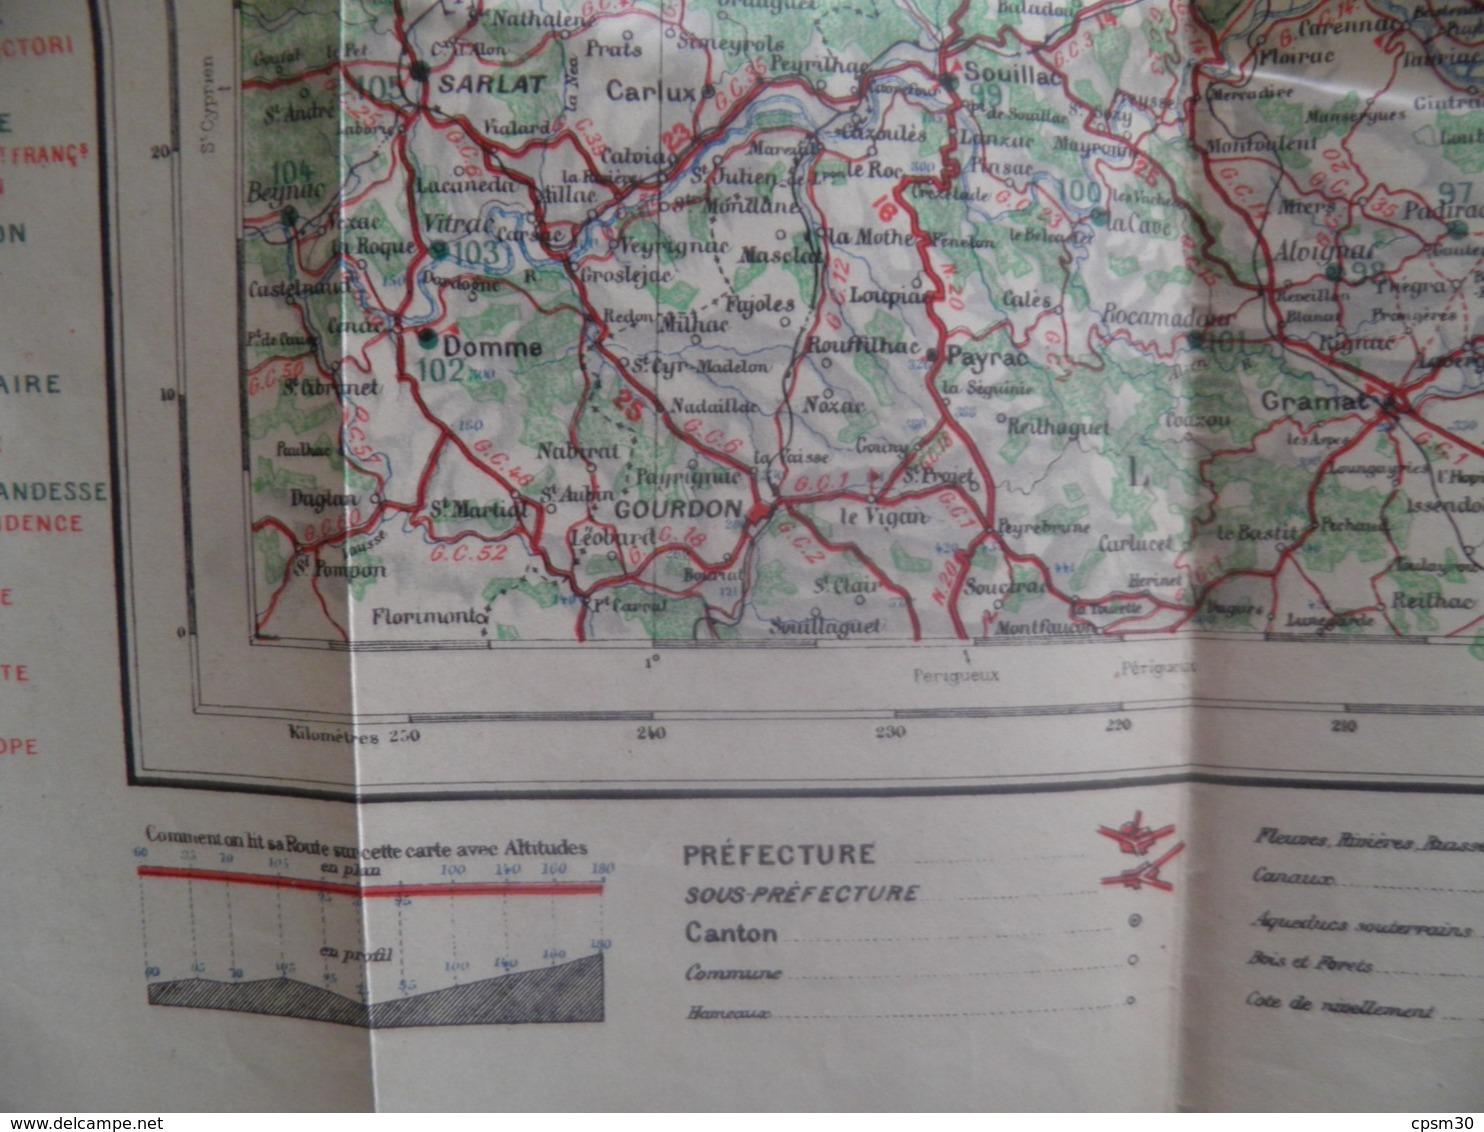 Carte Routière Et Gastronomique, AUVERGNE Gorges Du Tarn LANGUEDOC-ROUSSILLON Pub Restaurants Et Hotels Avec Carte, N° 8 - Roadmaps